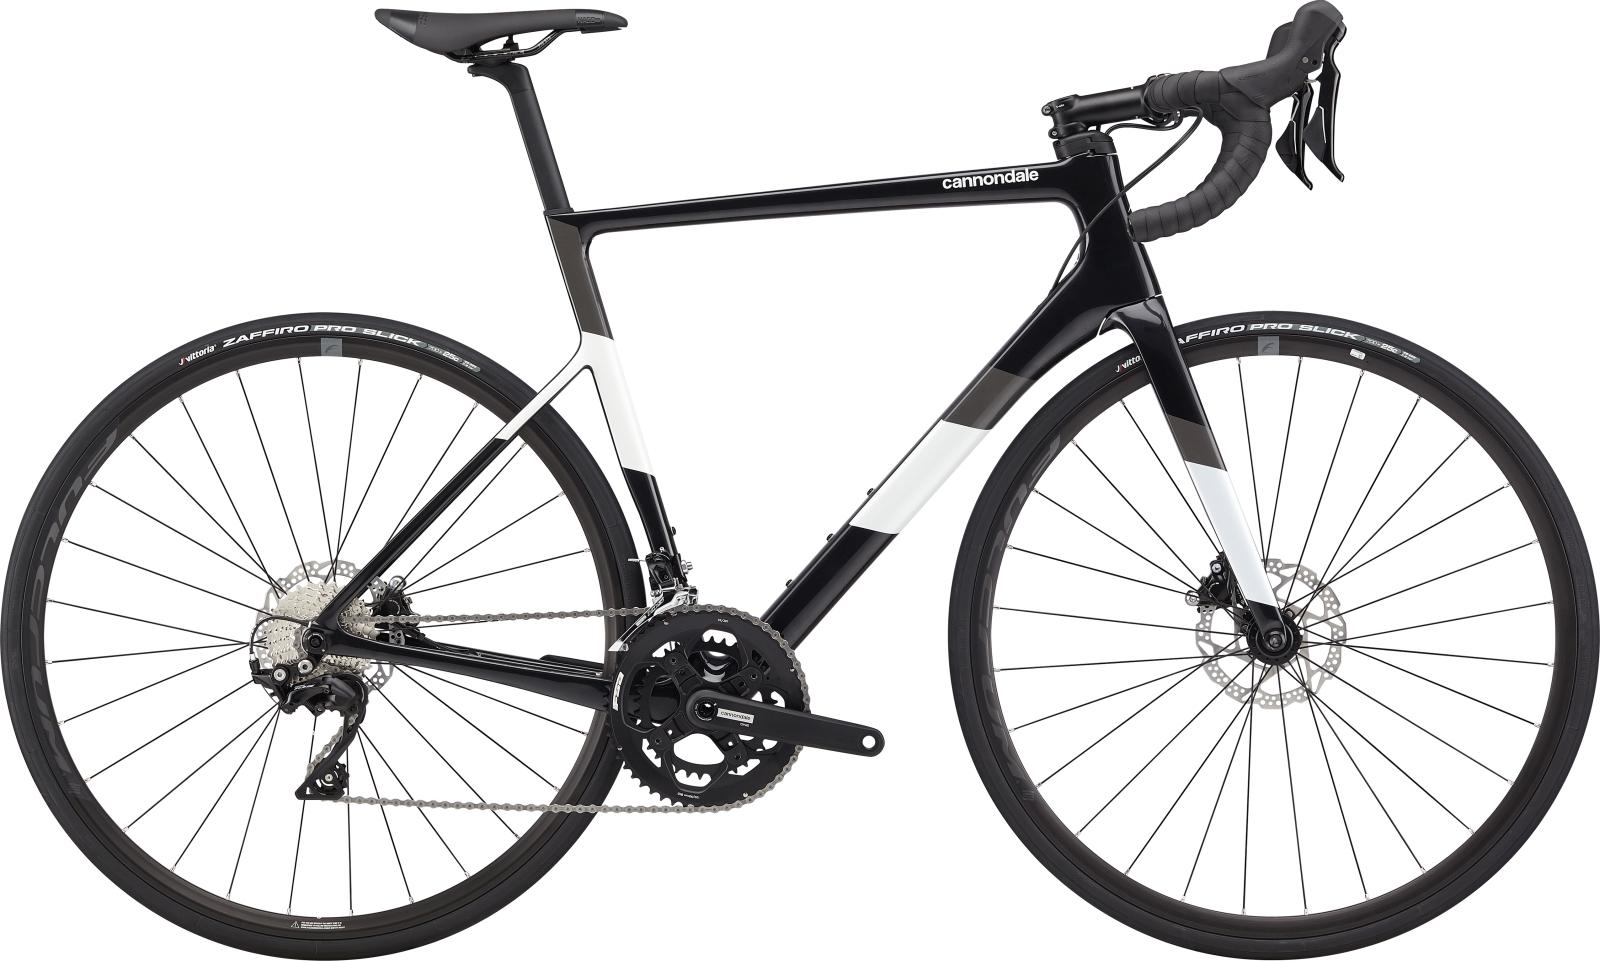 Cannondale Super Six Evo Carbon Disc 105 52/36 országúti kerékpár - fekete - 54 cm (2020)